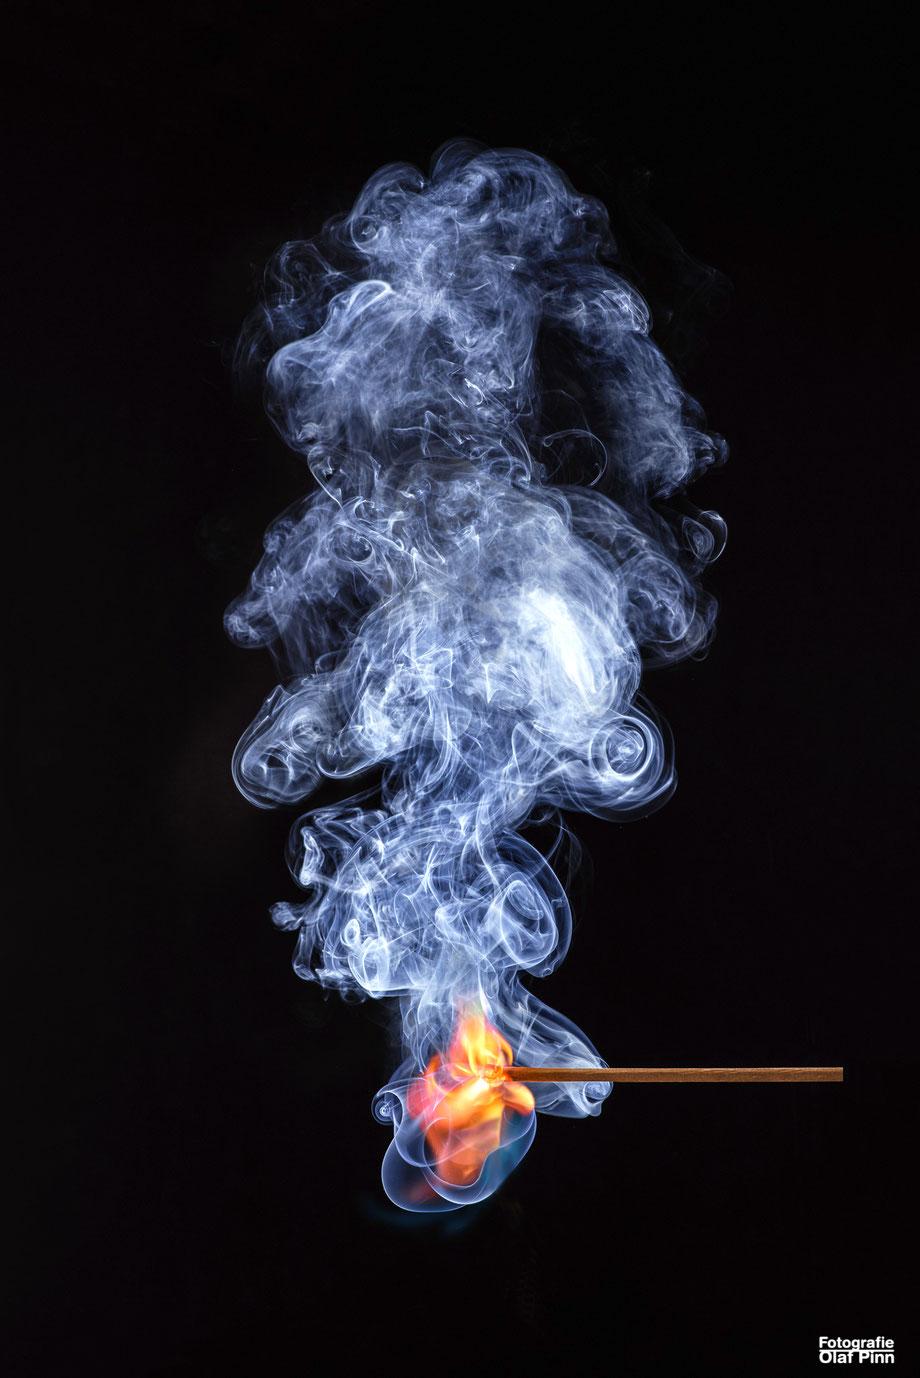 www.olafpinn-fotografie.de, Streichholzflamme